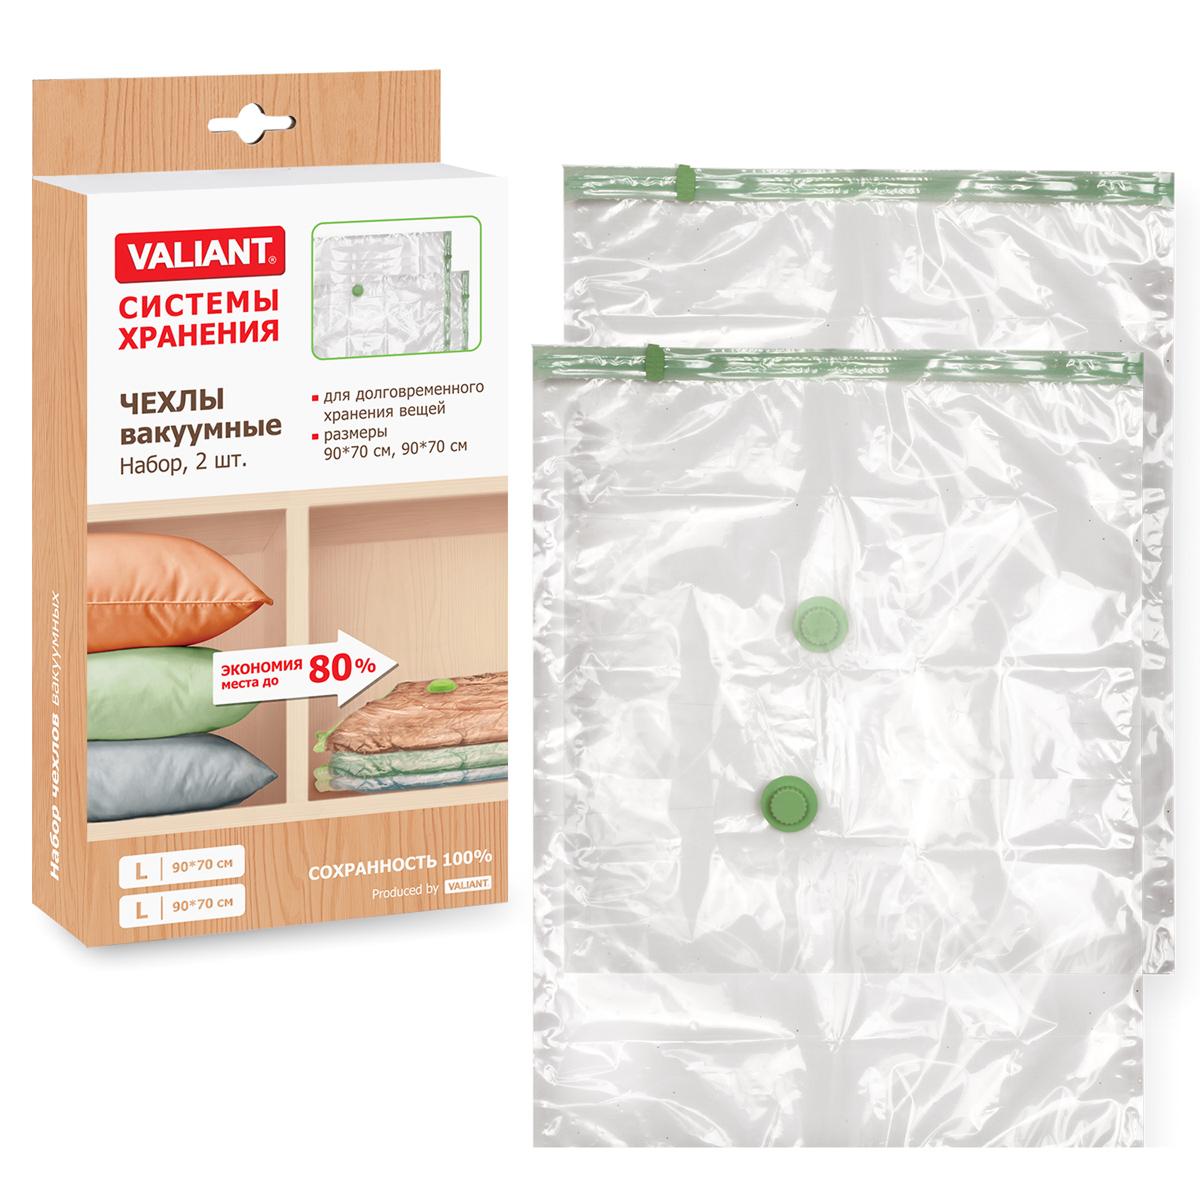 Чехлы вакуумные Valiant, 90 см х 70 см, 2 штMS97Вакуумные чехлы Valiant предназначены для долговременного хранения вещей. Они отлично защитят вашу одежду от пыли и других загрязнений, а также надолго сохранят ее безупречный вид. Чехлы изготовлены из высококачественных полимерных материалов. Достоинства чехлов Valiant: - вещи сжимаются в объеме на 80%, полностью сохраняя свое качество; - вещи можно хранить в течение целого сезона (осенью и зимой - летний гардероб, летом - зимние свитера, шарфы, теплые одеяла); - надежная защита вещей от любых повреждений - влаги, пыли, пятен, плесени, моли и других насекомых, а также от обесцвечивания, запахов и бактерий; - откачать воздух можно как ручным насосом, так и любым стандартным пылесосом (отверстие клапана 27 мм). Комплектация: 2 шт.